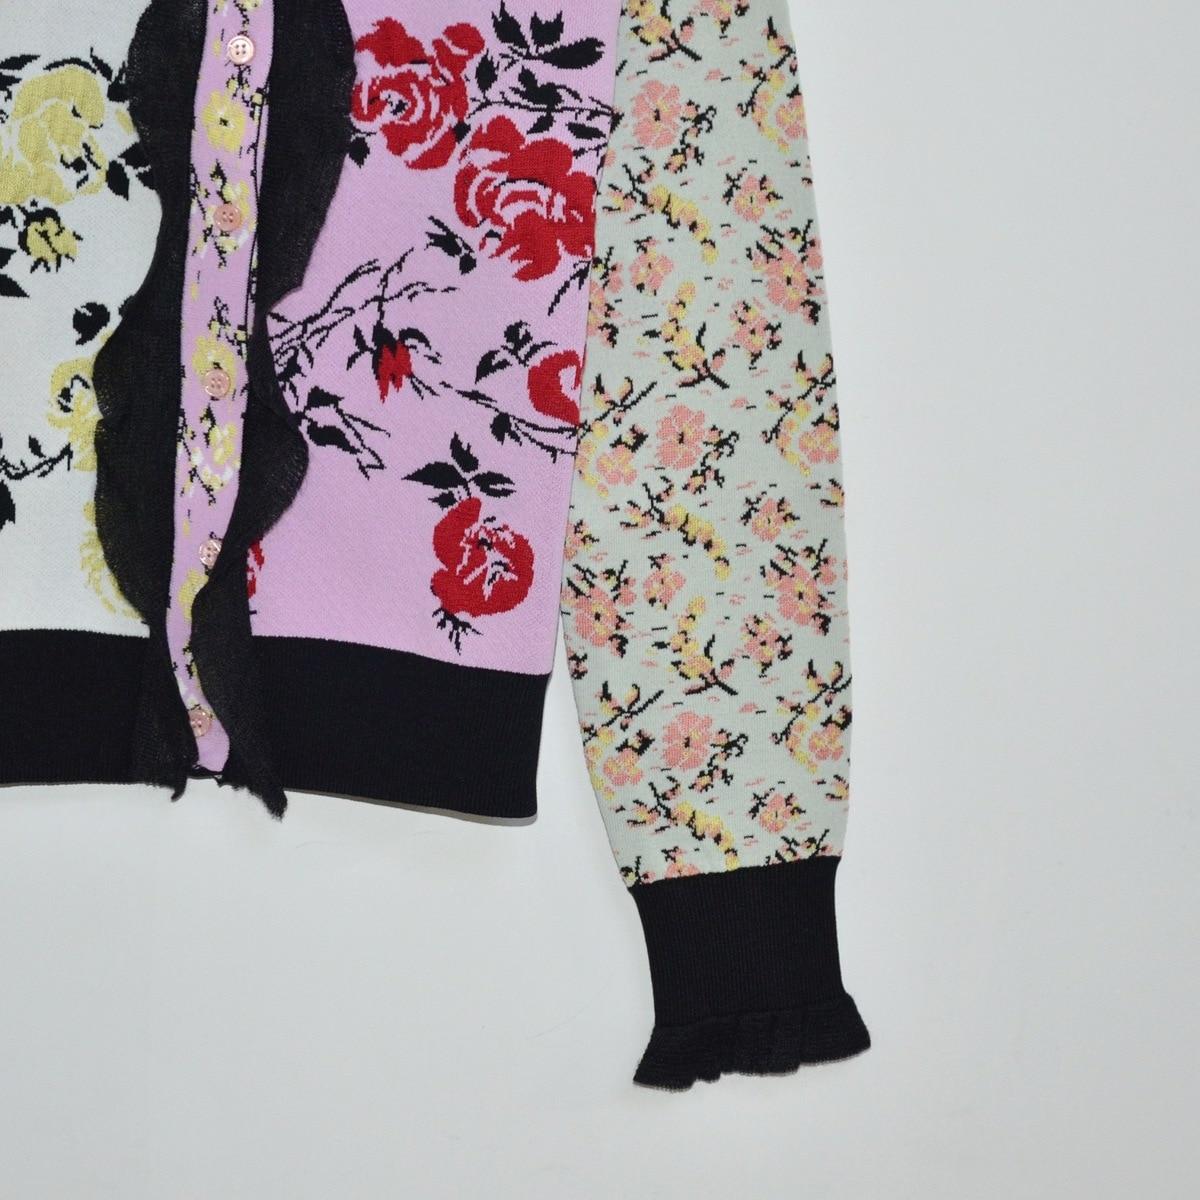 Couleur Brocade Date Col Fleurs Mode Court Jacquard Qualité Cardigan Haute Floraison 2018 Rond Manteau Petit Color Picture De Rose Hiver Aq8xxwv4gS